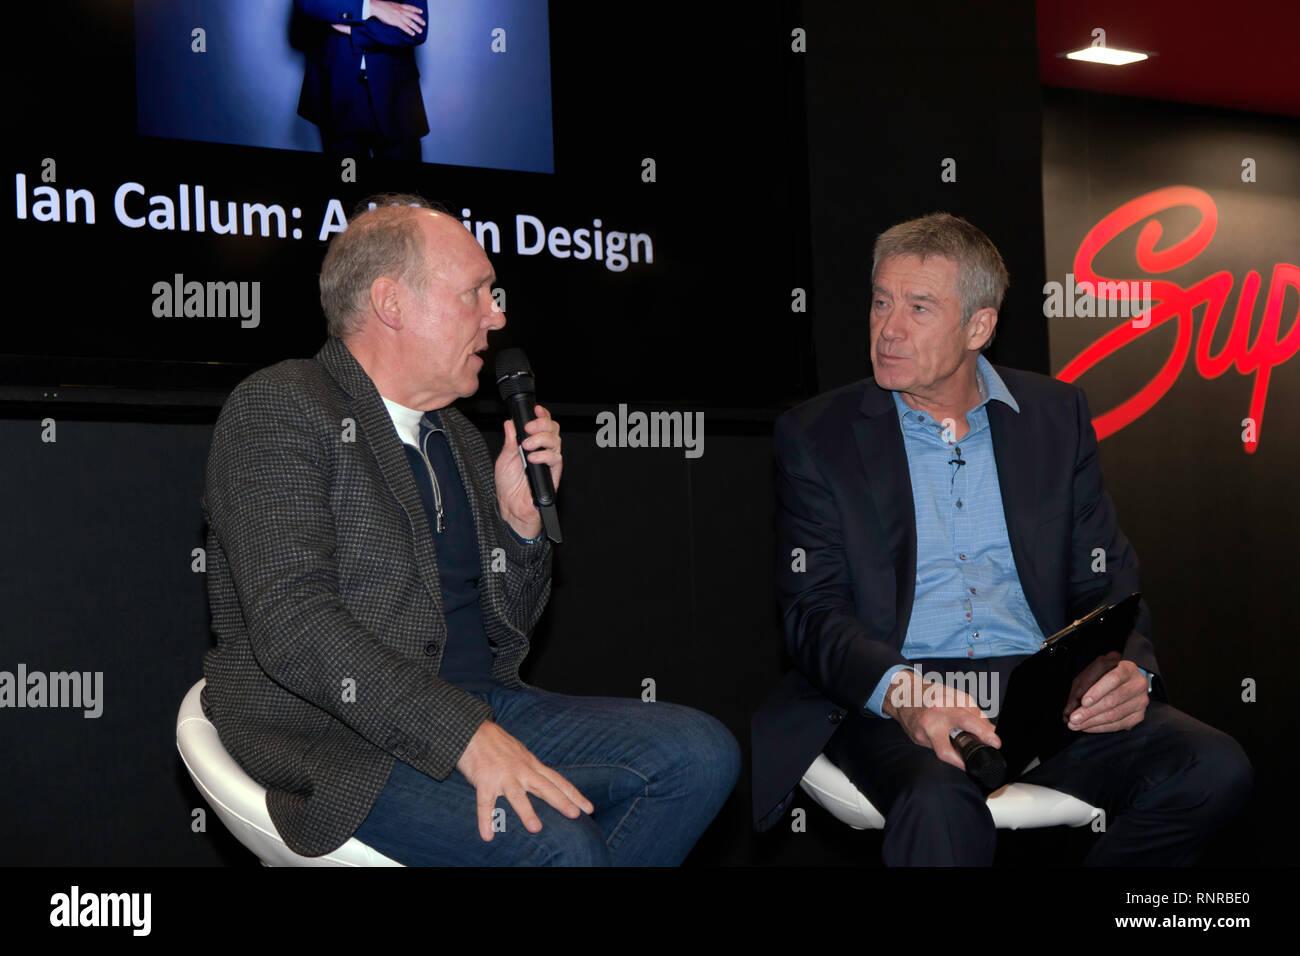 Ian Callum bespricht seine illustren design Karriere mit guest Host, Tiff Needell, am Supagard Theater, während der 2019 London Classic Car Show Stockbild